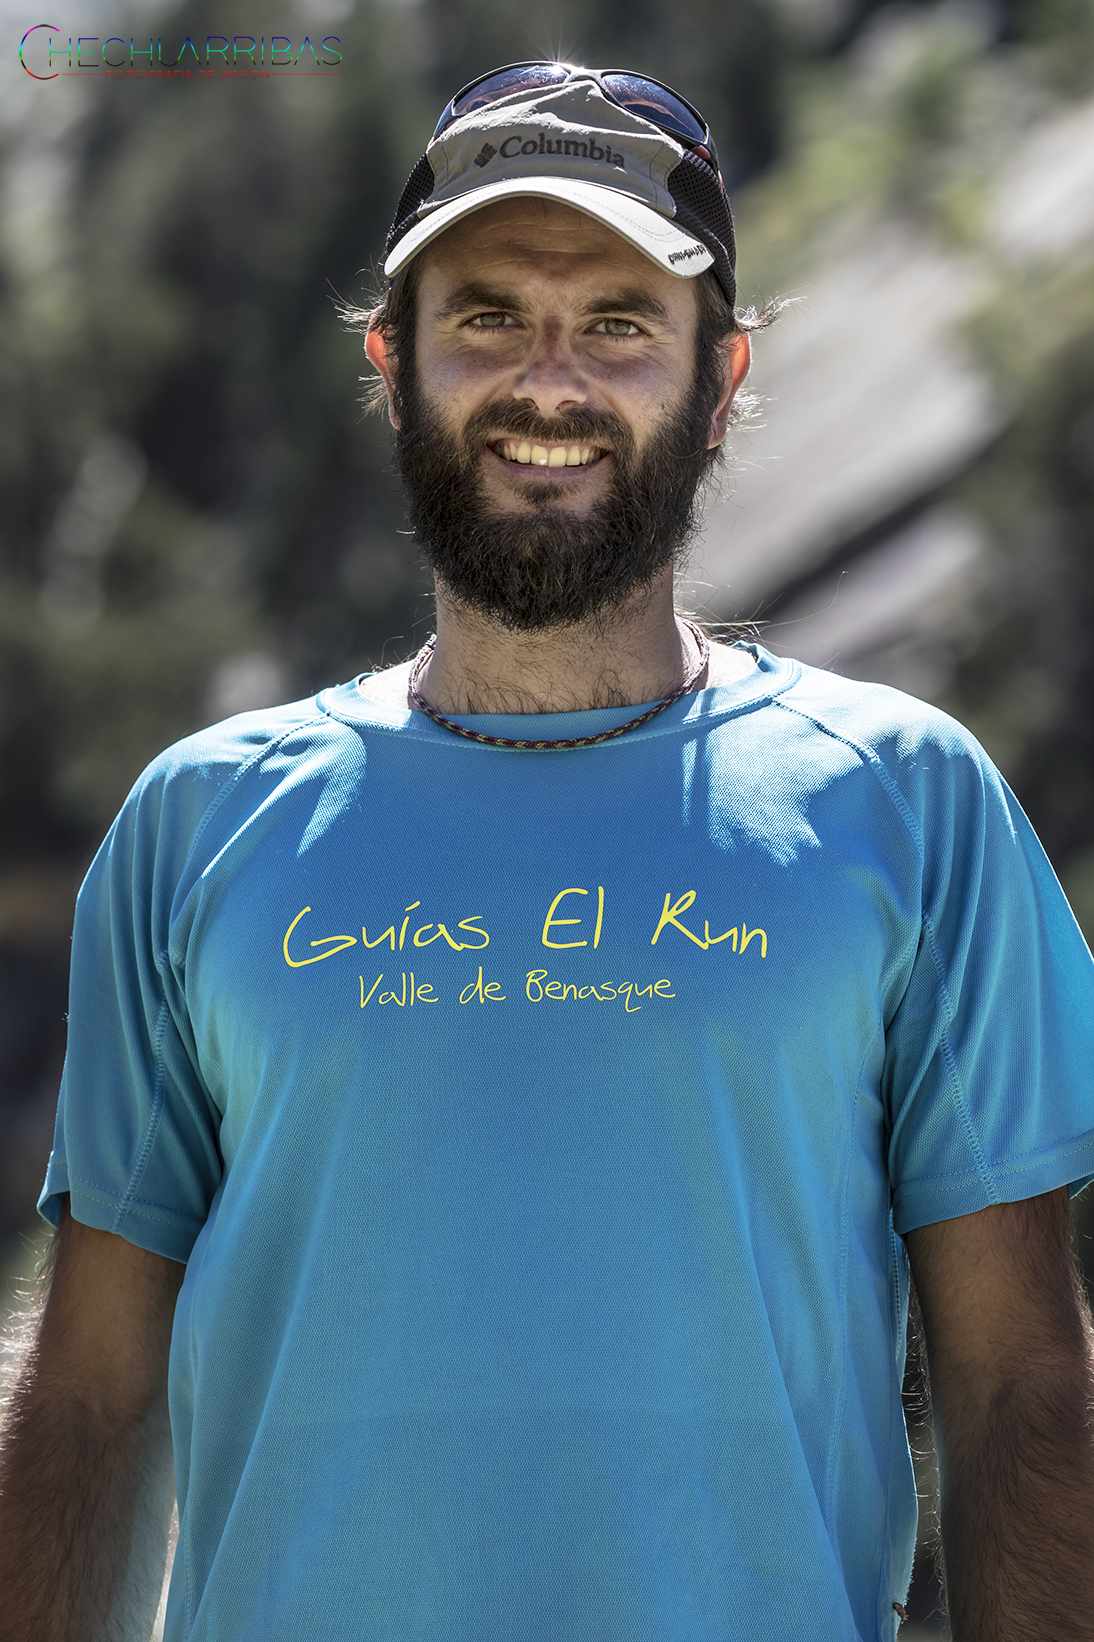 David Guías El Run